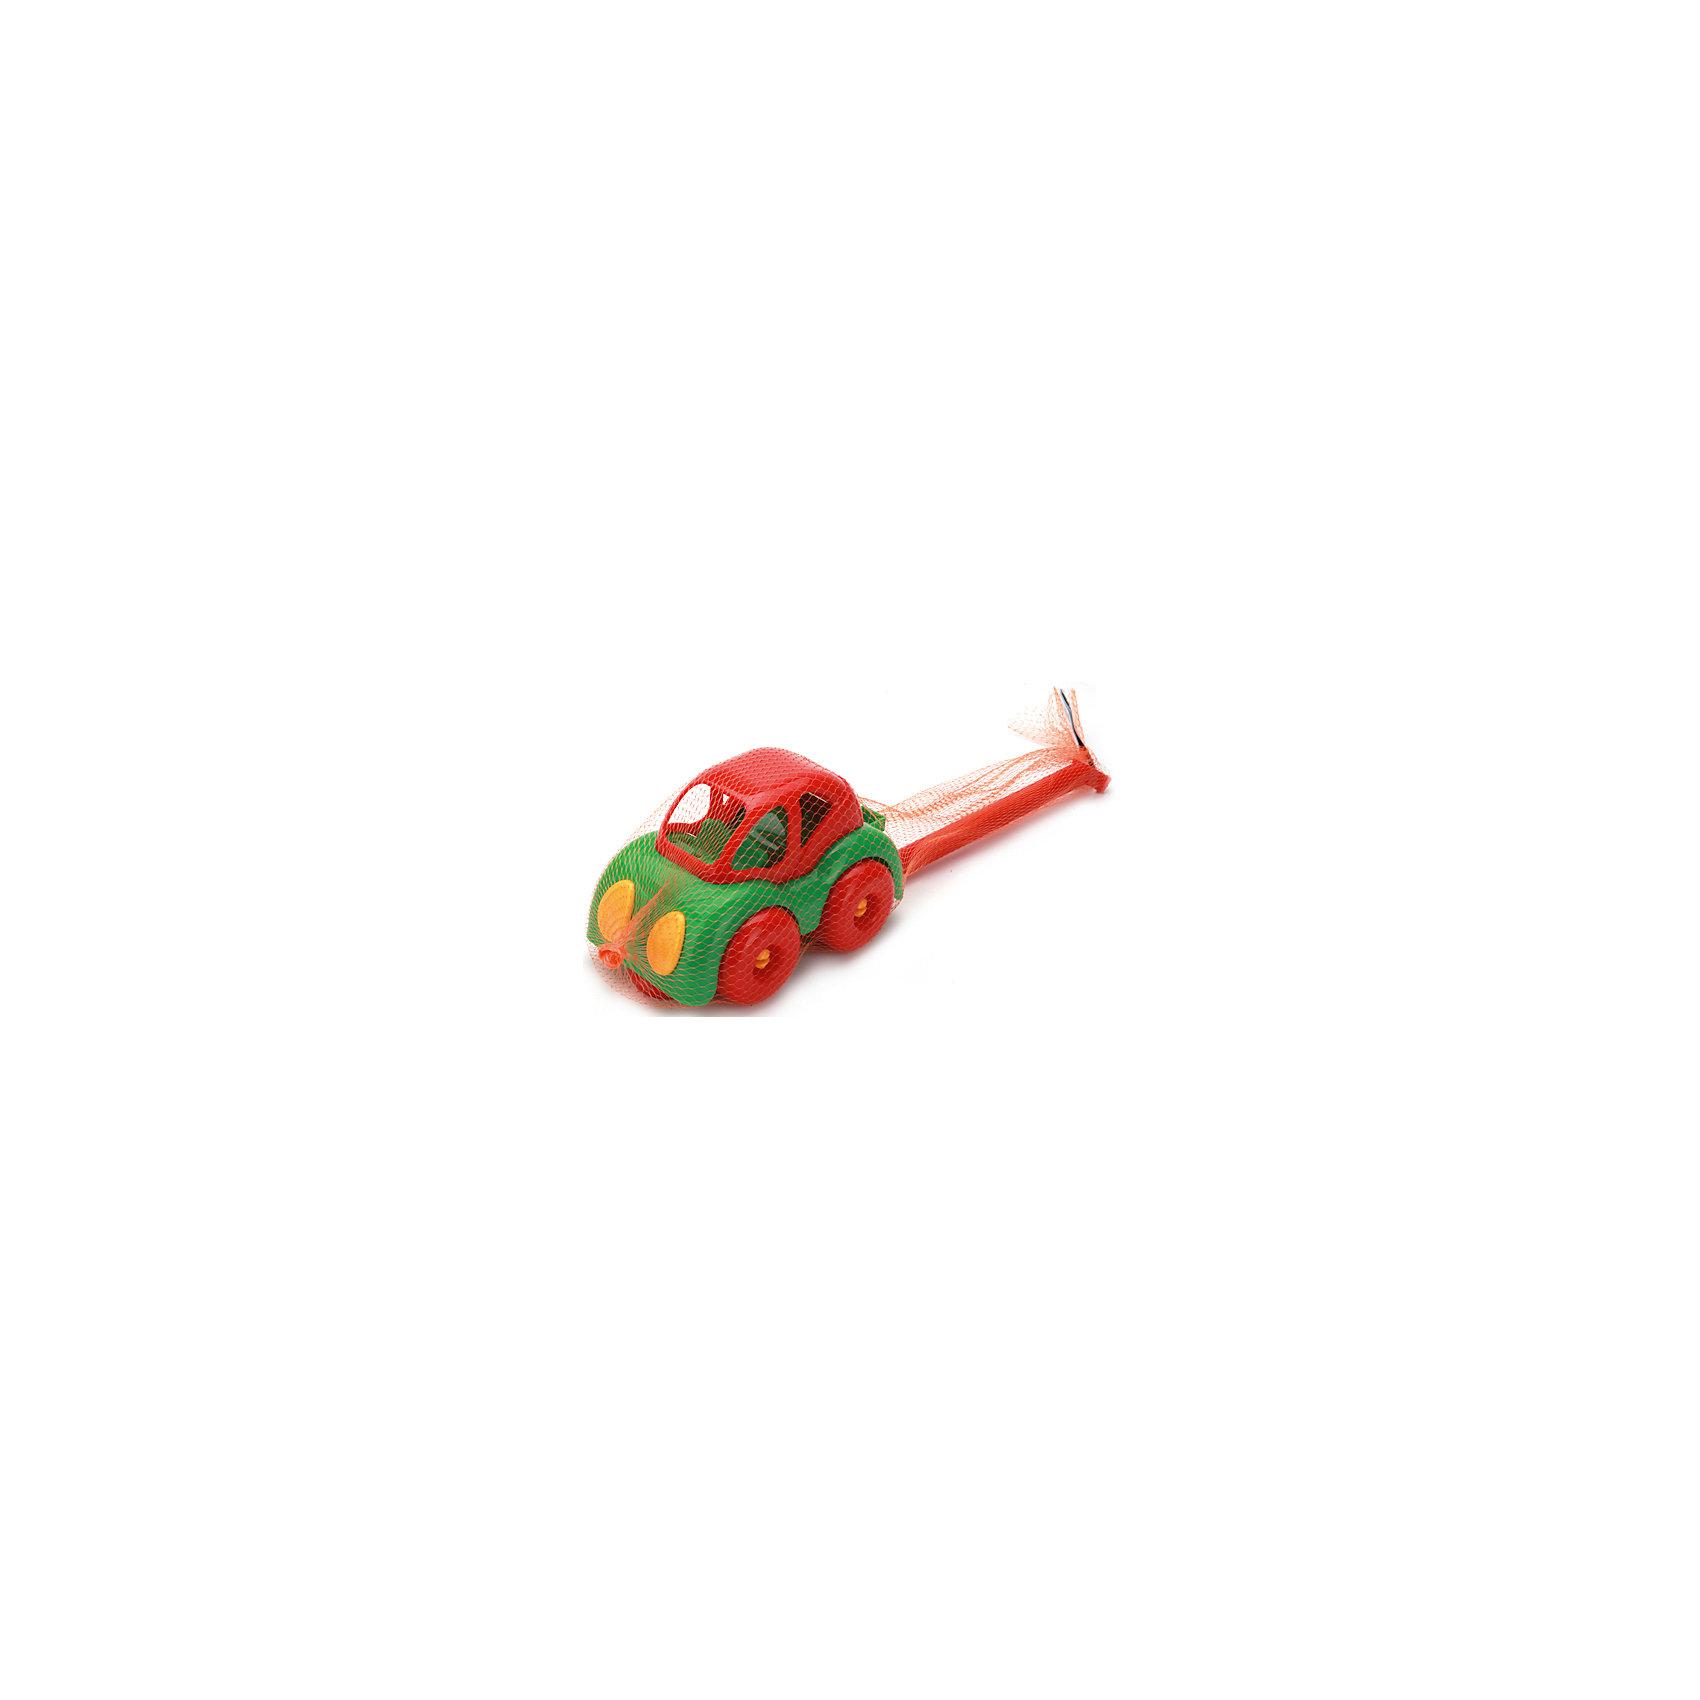 Каталка Малышок, ПластмастерЯркая каталка Малышок с очень удобной ручкой знакомит малыша с миром цветов и учит малыша ориентироваться в пространстве. <br><br>Дополнительная информация:<br><br>- Возраст: от 1 года.<br>- Материал: пластик.<br>- Размер упаковки: 48х11,8х20,5 см.<br>- Вес в упаковке: 160 г.<br><br>Купить каталку Малышок можно в нашем магазине.<br><br>Ширина мм: 480<br>Глубина мм: 118<br>Высота мм: 205<br>Вес г: 160<br>Возраст от месяцев: 12<br>Возраст до месяцев: 36<br>Пол: Мужской<br>Возраст: Детский<br>SKU: 4879321